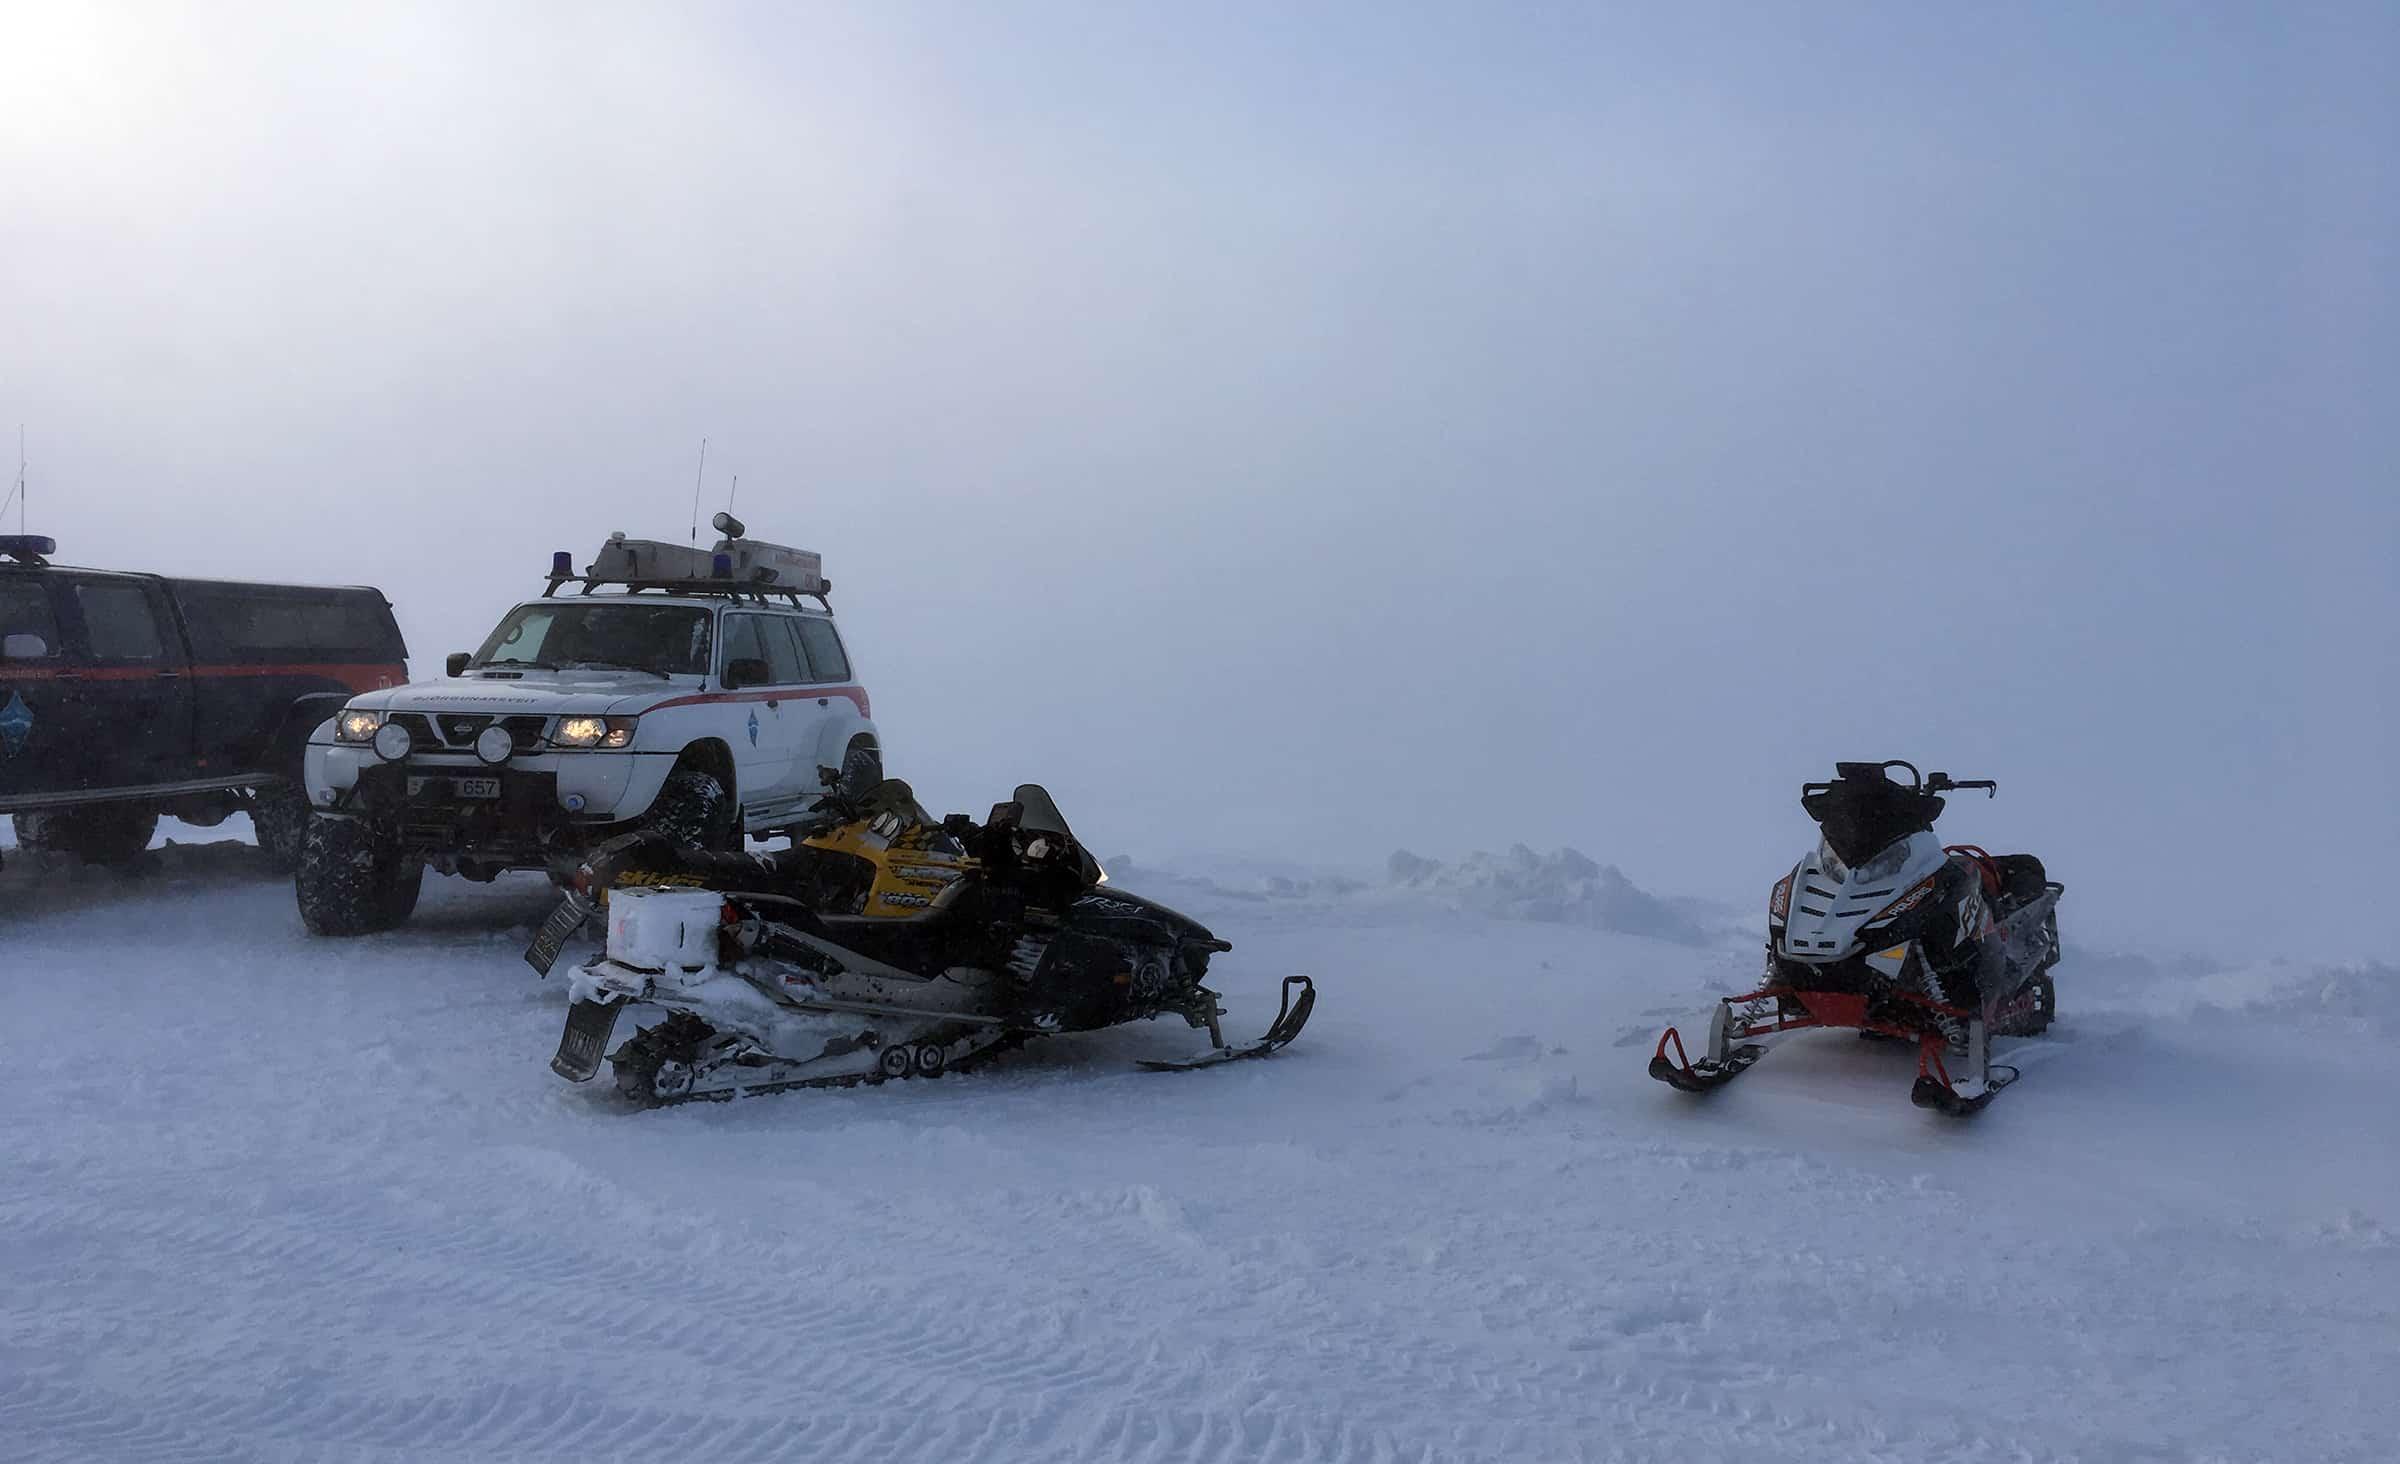 Sneeuwscooters staan ook klaar